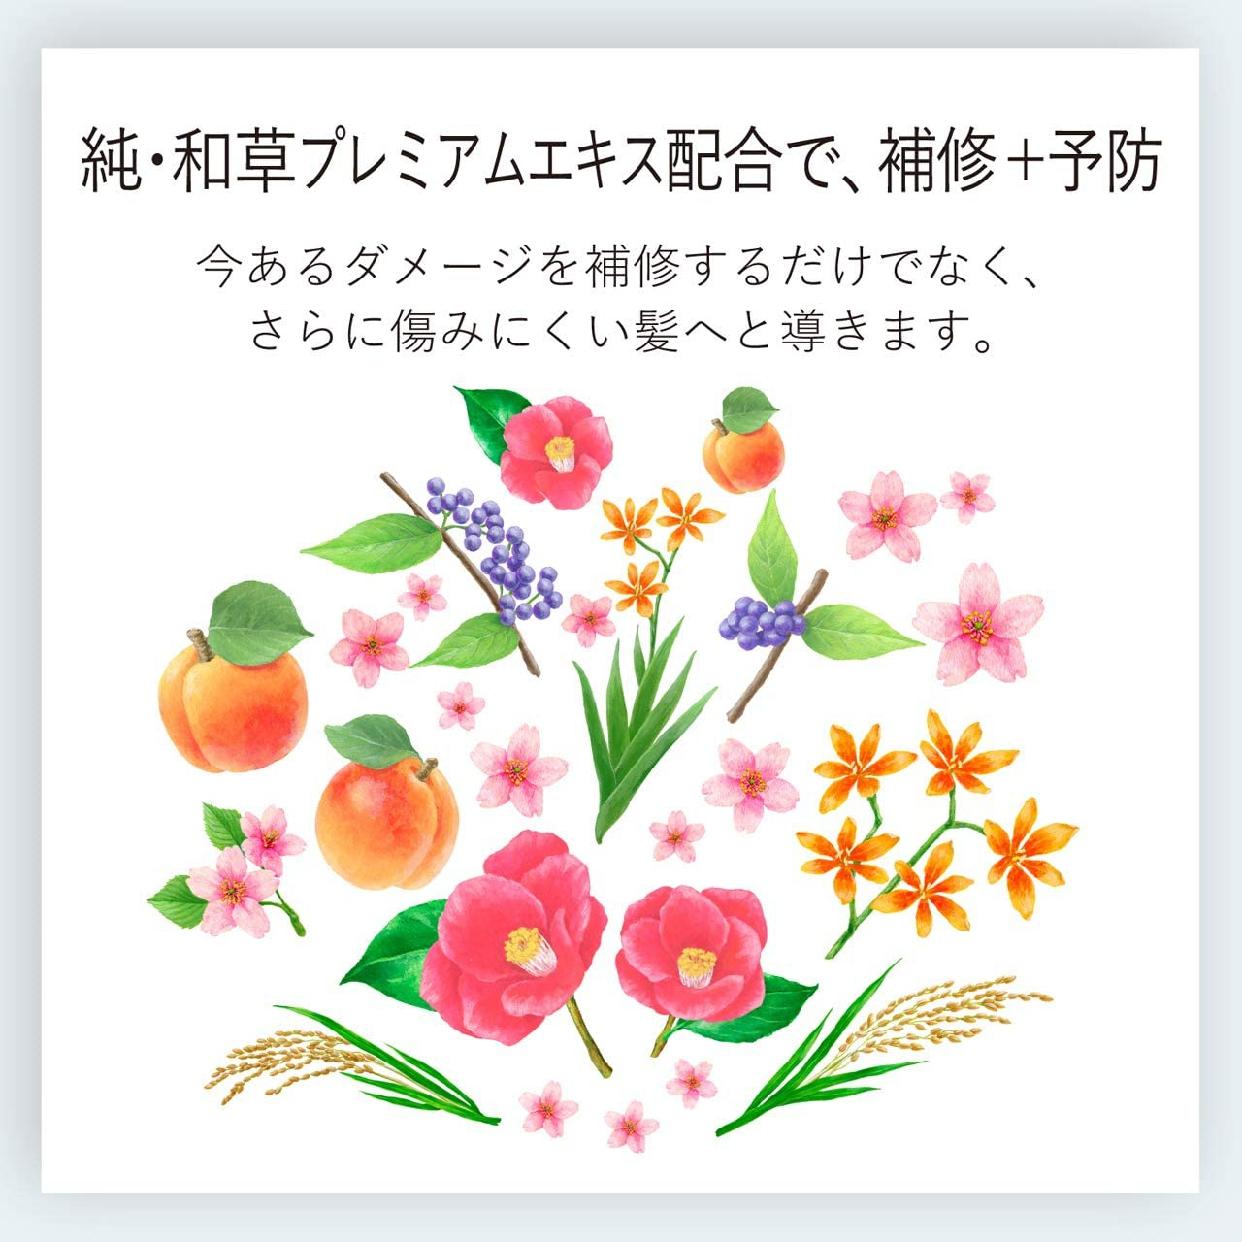 いち髪(ICHIKAMI) なめらか スムースケアシャンプーの商品画像8